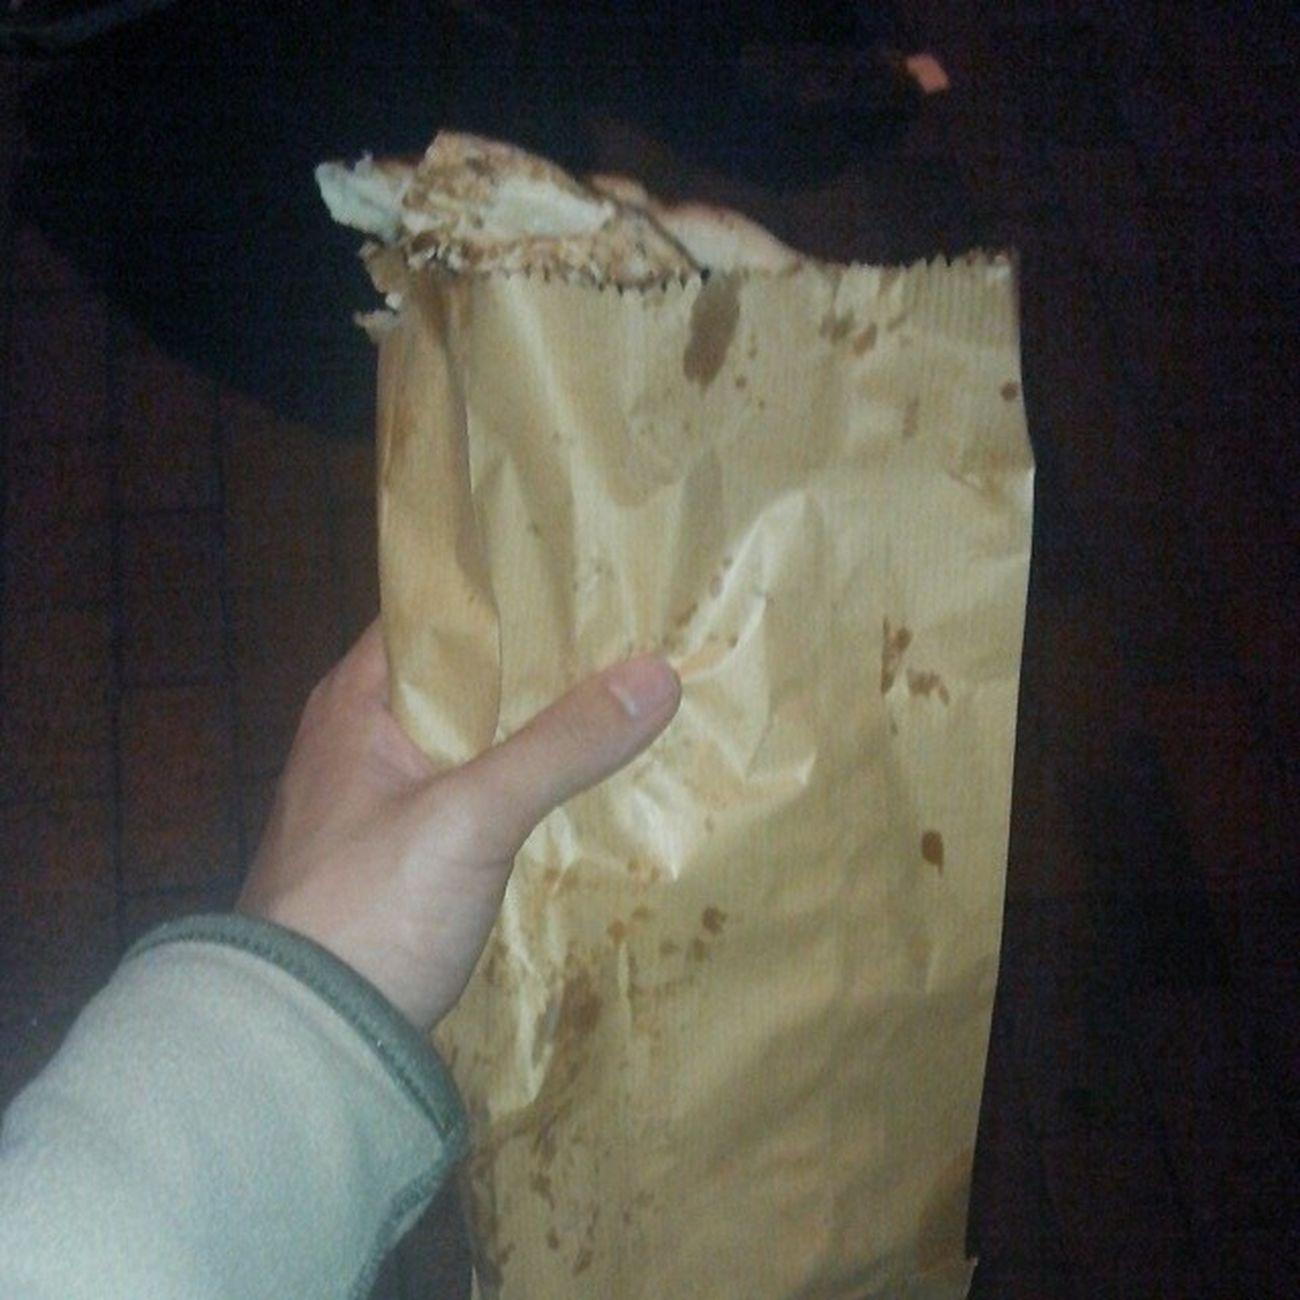 即叫即烤清真牛肉餅,乃桂林夜市一大瑰珍 桂林街 桂林夜市 Hkig 2014 cny lunarnewyear